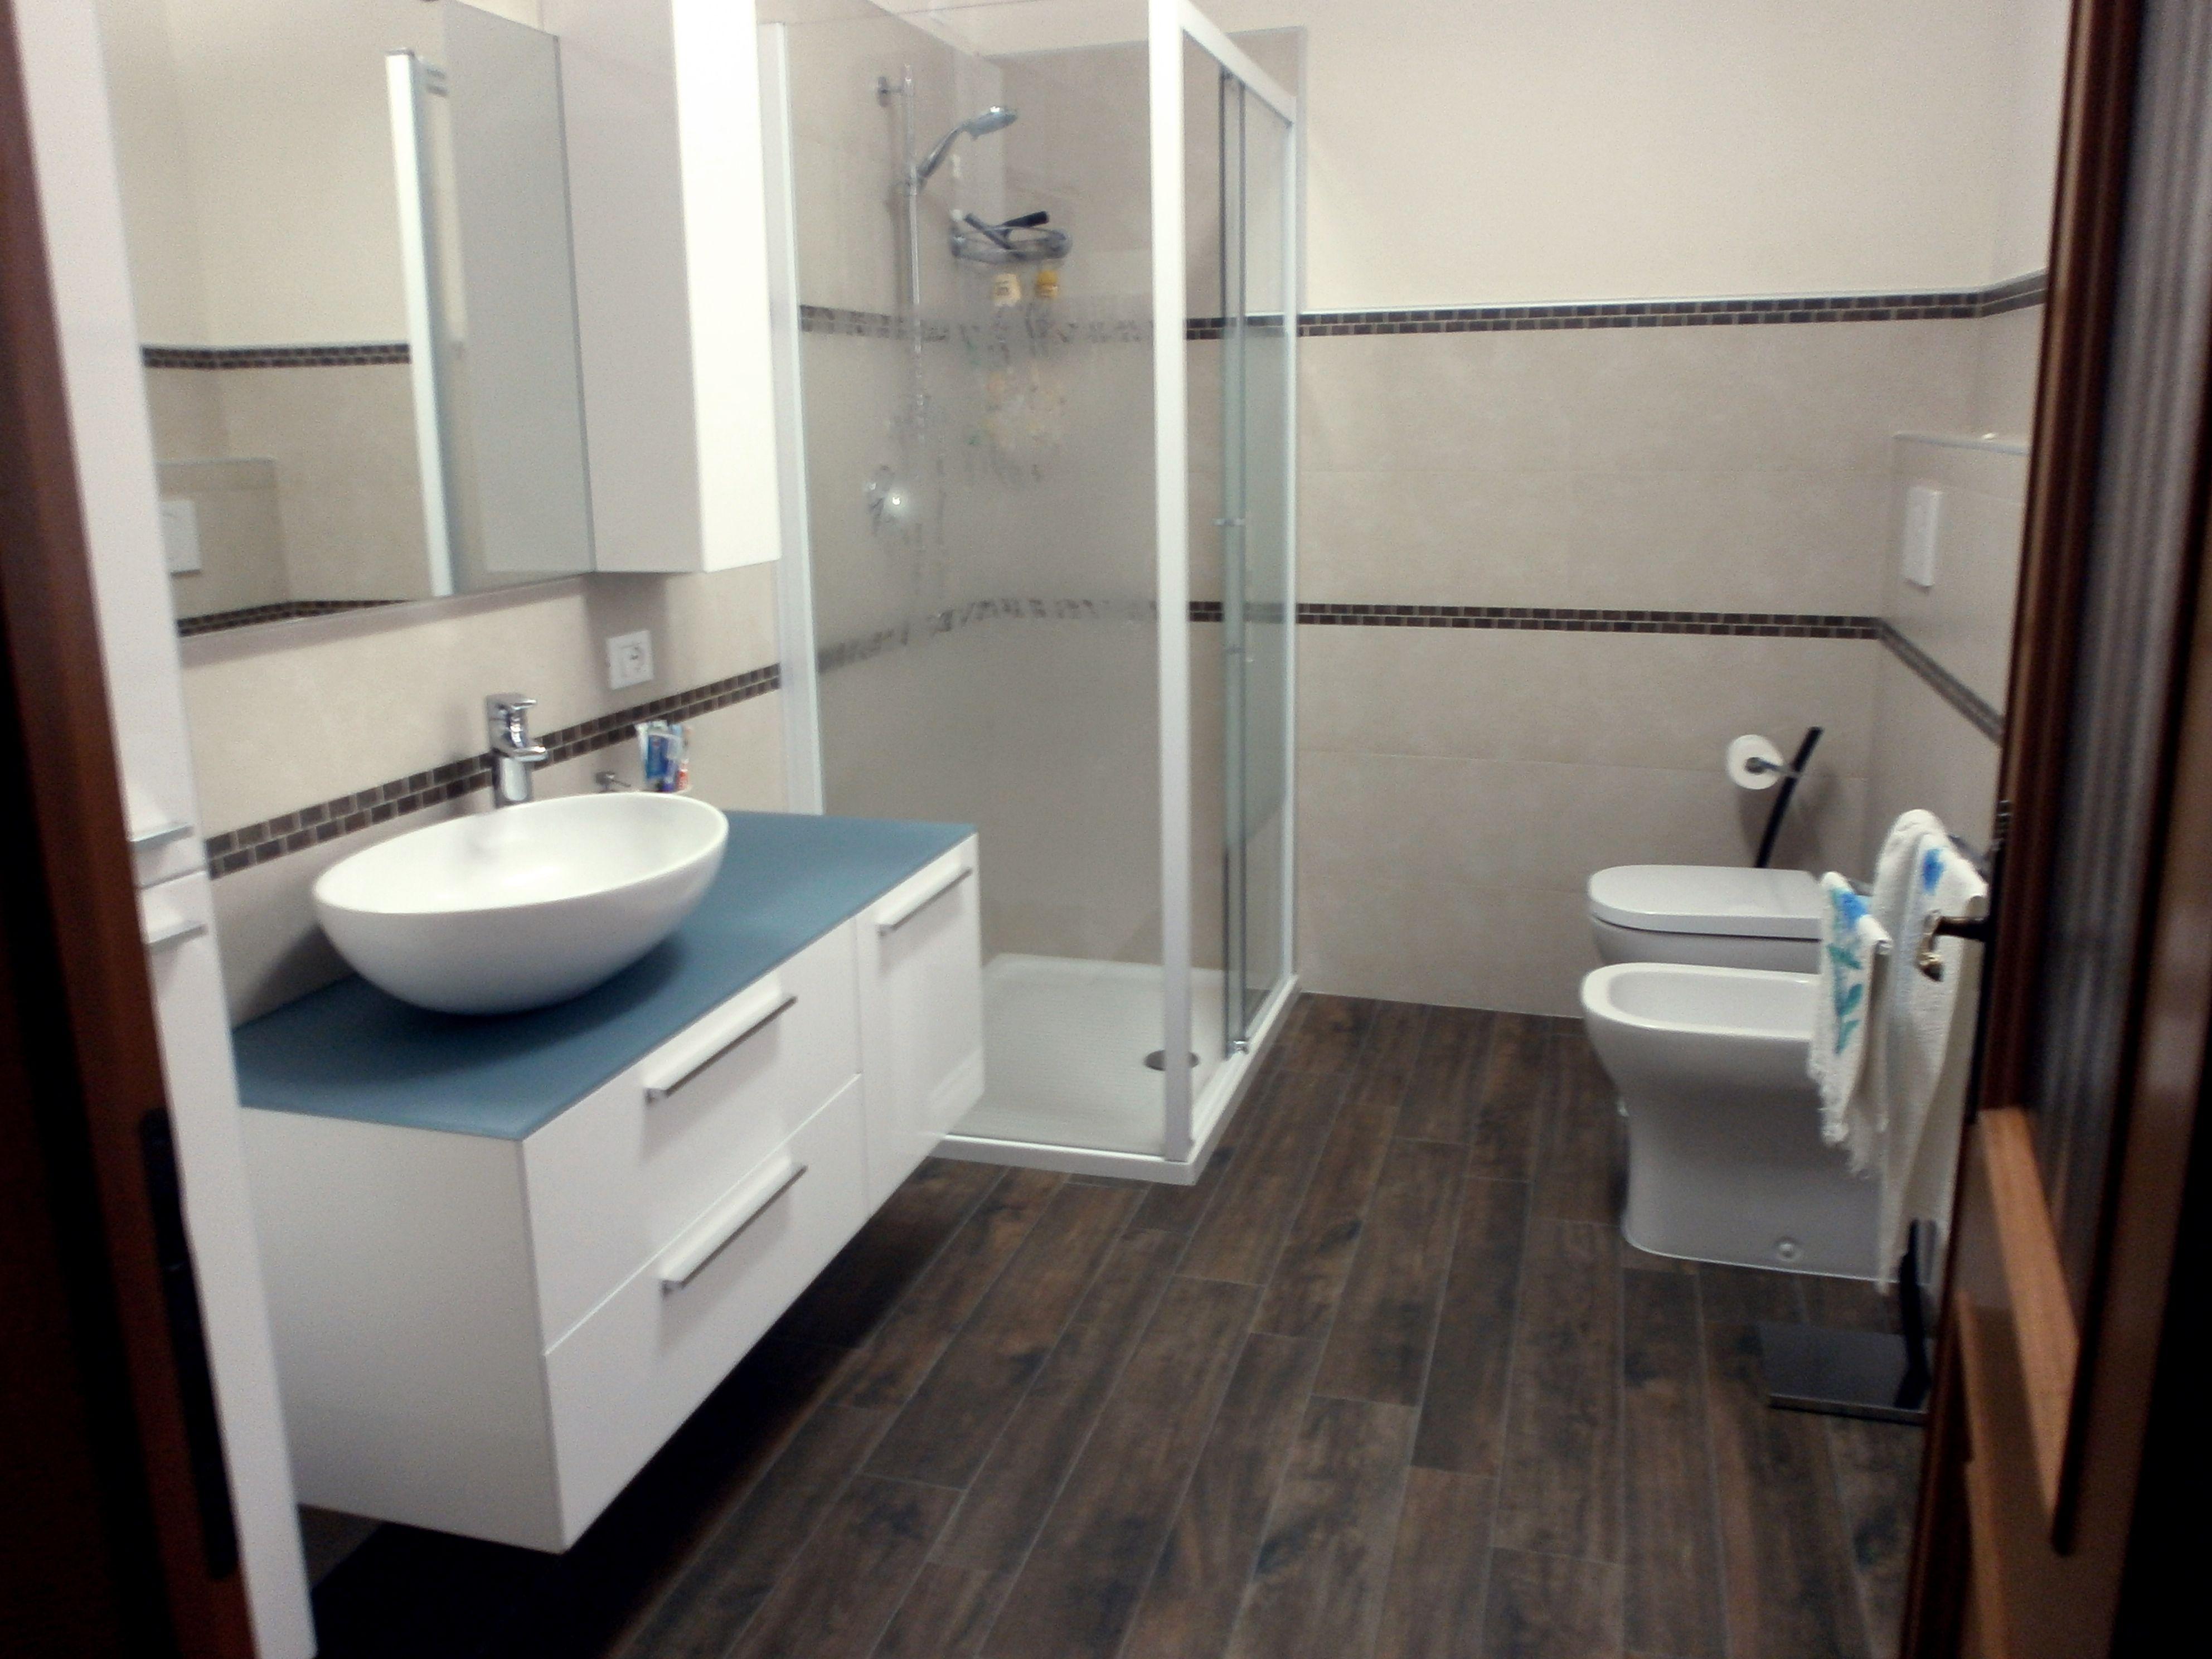 Rivestimento bagno con mosaico effetto mattone  Bathroom wall mosaic with brick effect